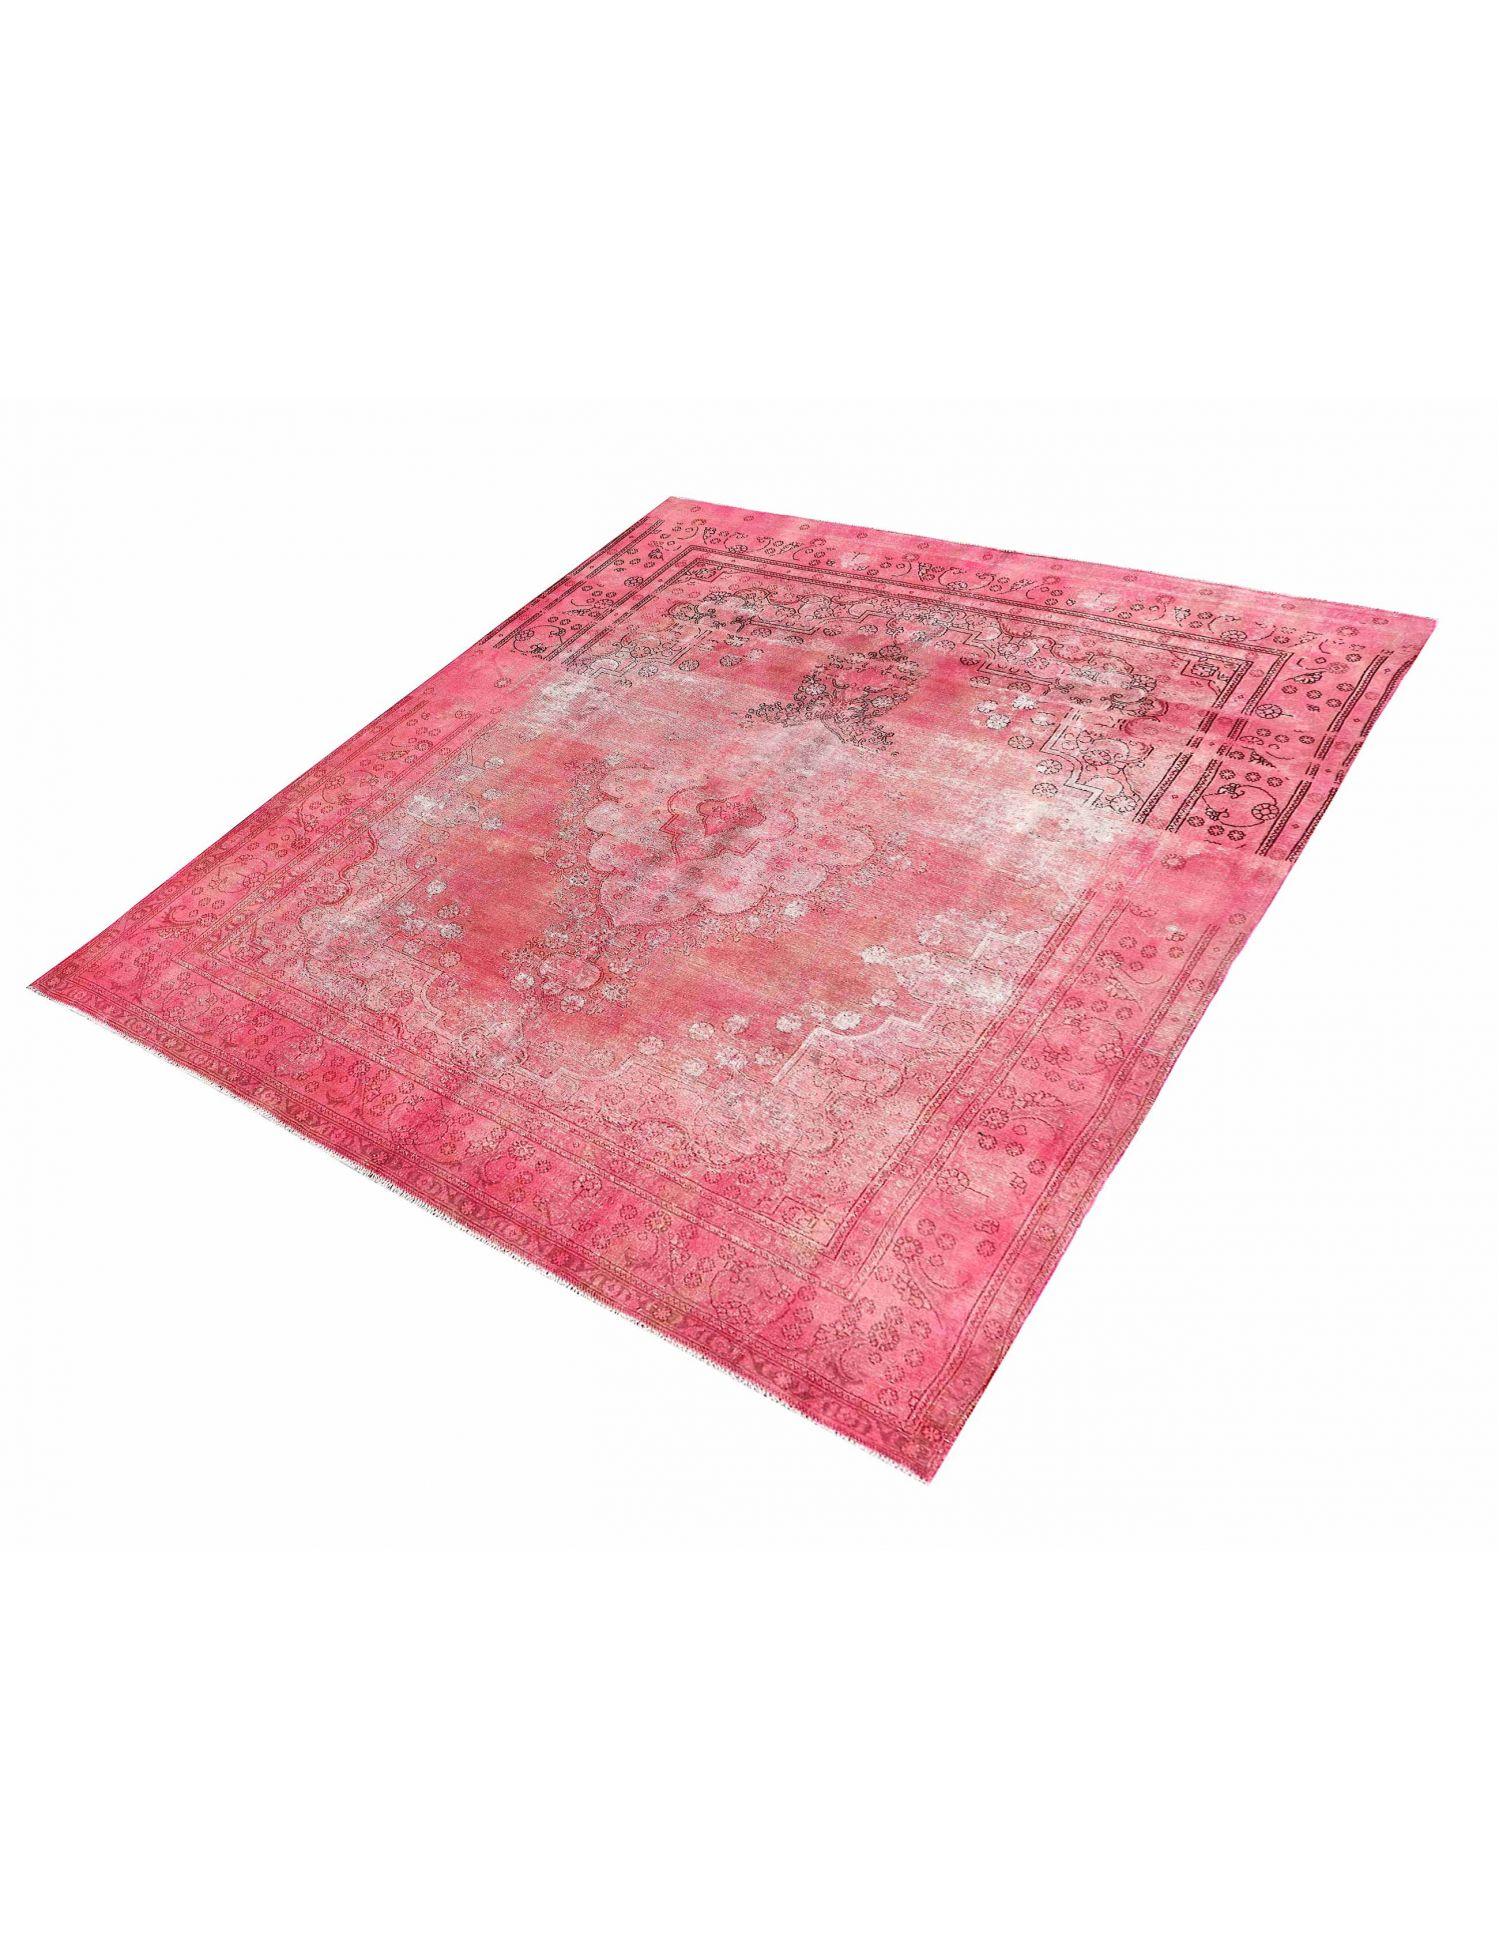 Persisk Vintagetæppe  rose <br/>391 x 291 cm